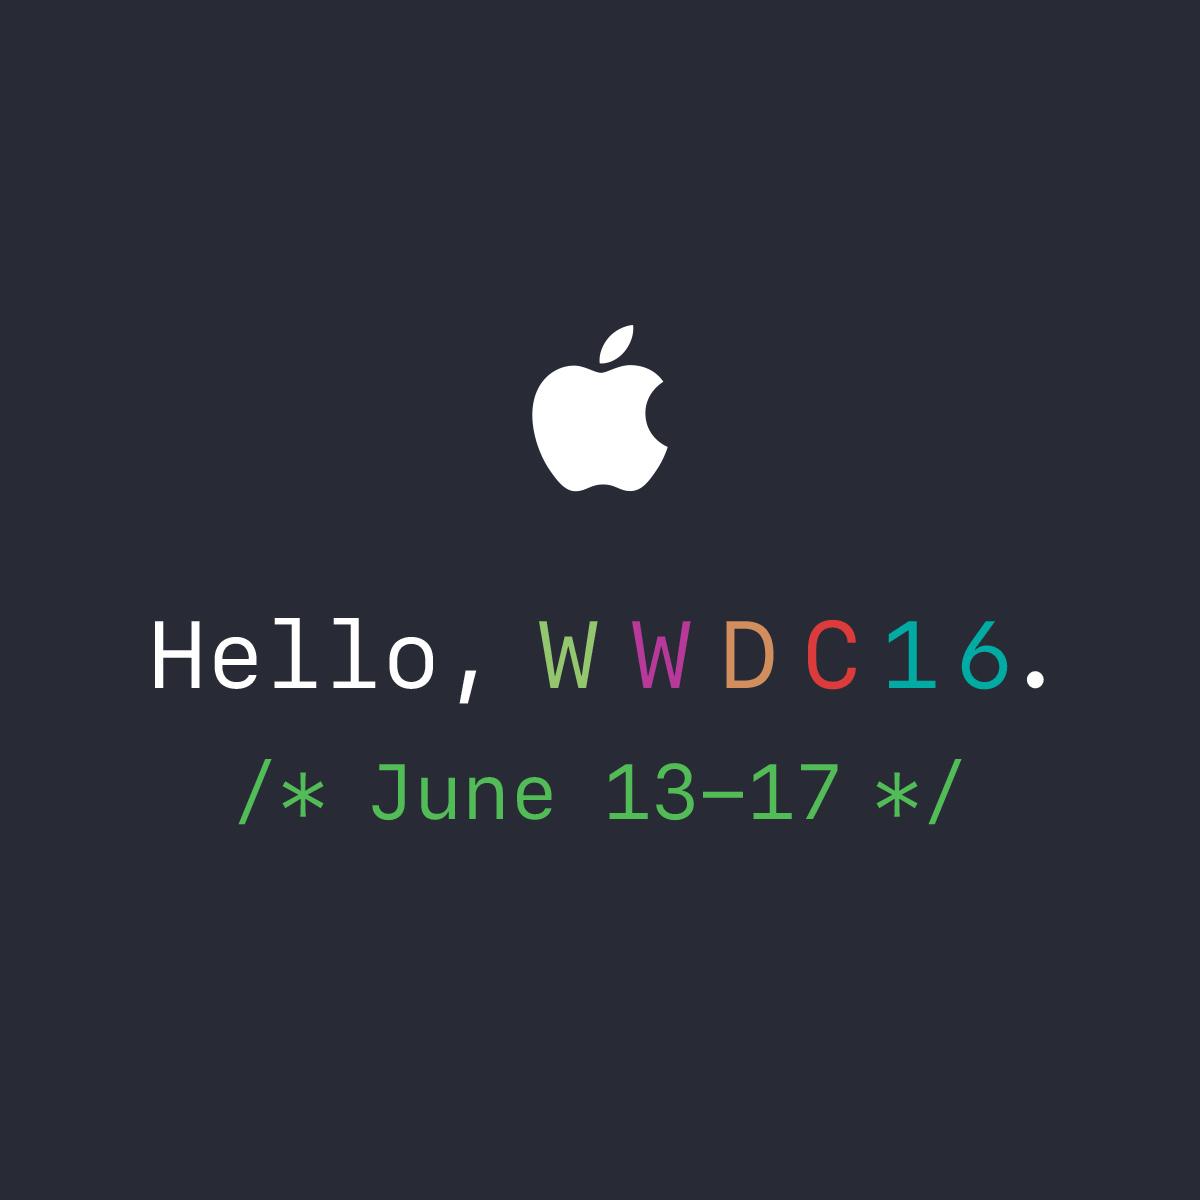 La nueva versión de Siri será incorporada en ordenadores MacOS y será capaz de distinguir entre idiomas